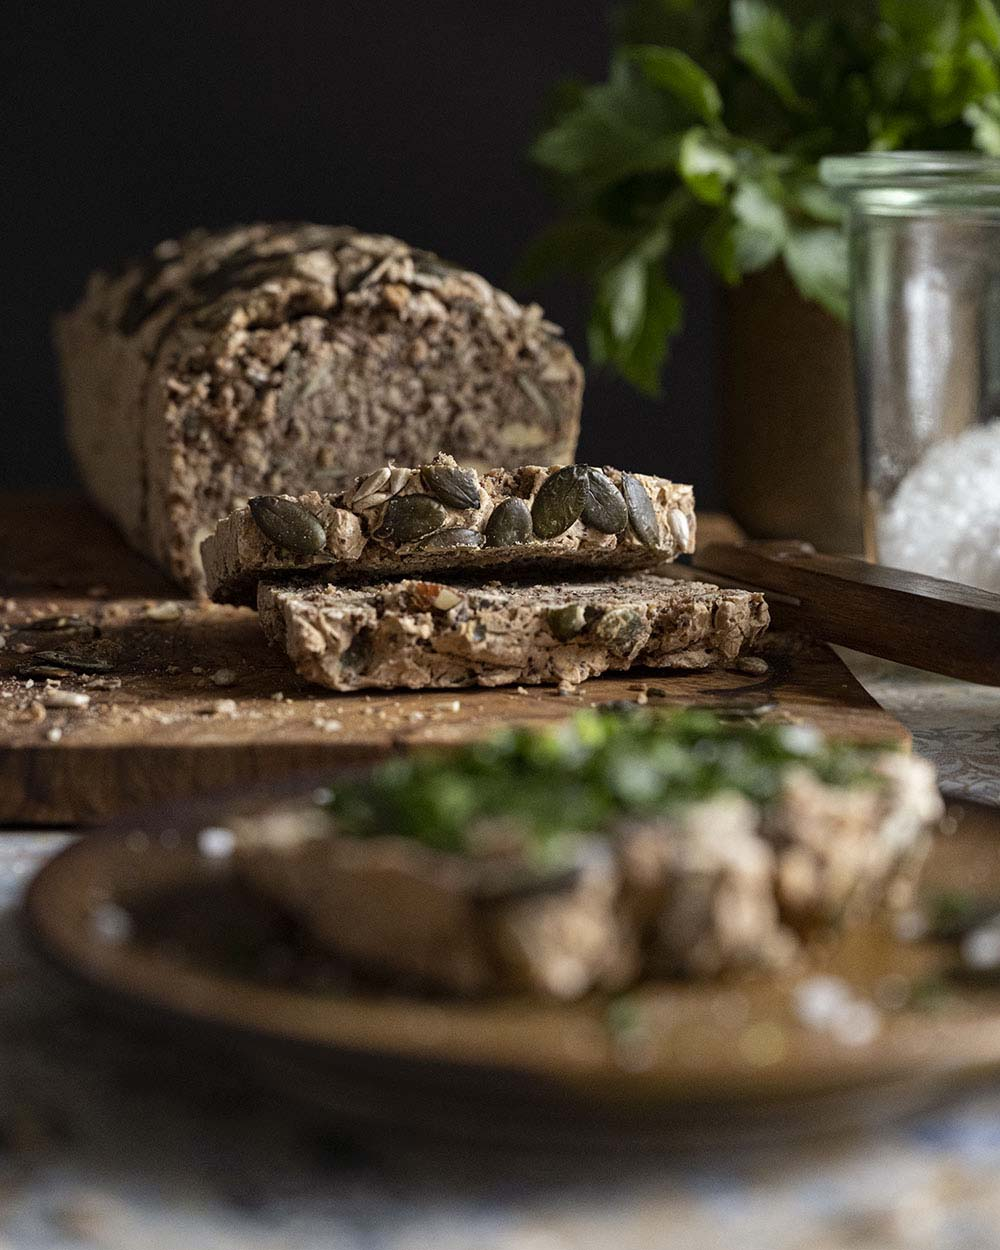 Wir haben den Abendbrottisch eingedeckt. Im Vordergrund ist ein Teller zu sehen, auf dem eine Scheibe Brot liegt. Im Hintergrund ist das ganze Brot zu sehen.